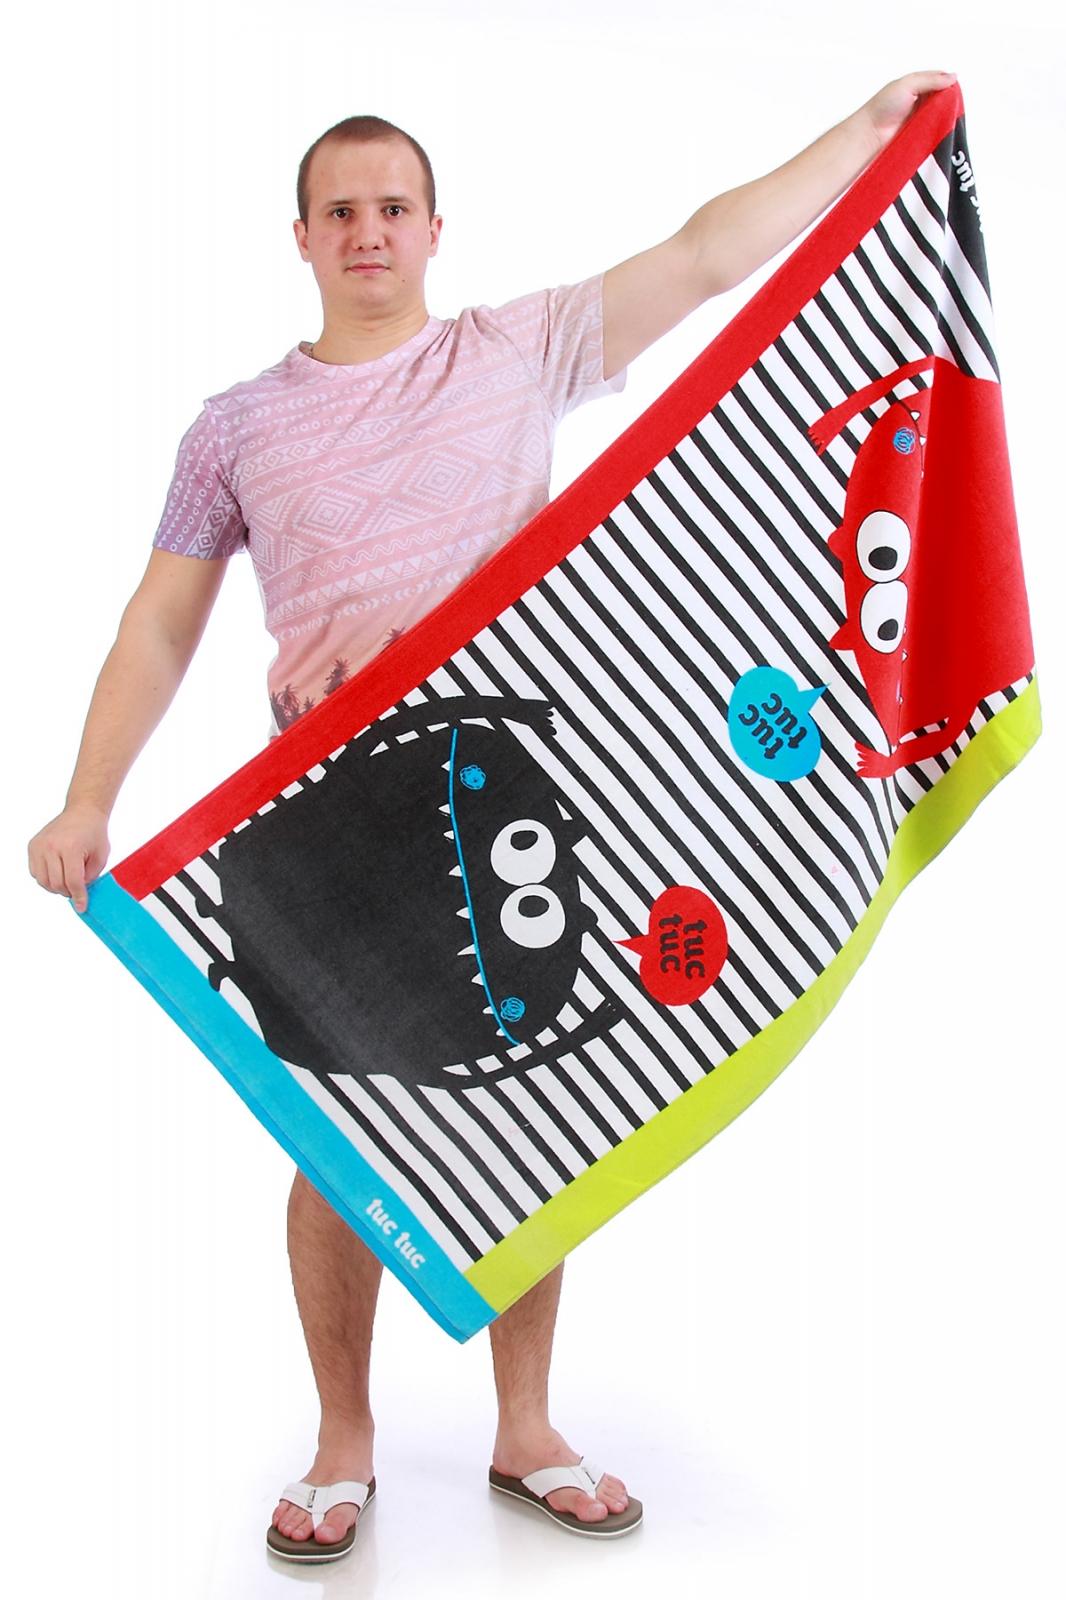 Полотенце с рисунками - купить онлайн в интернет-магазине